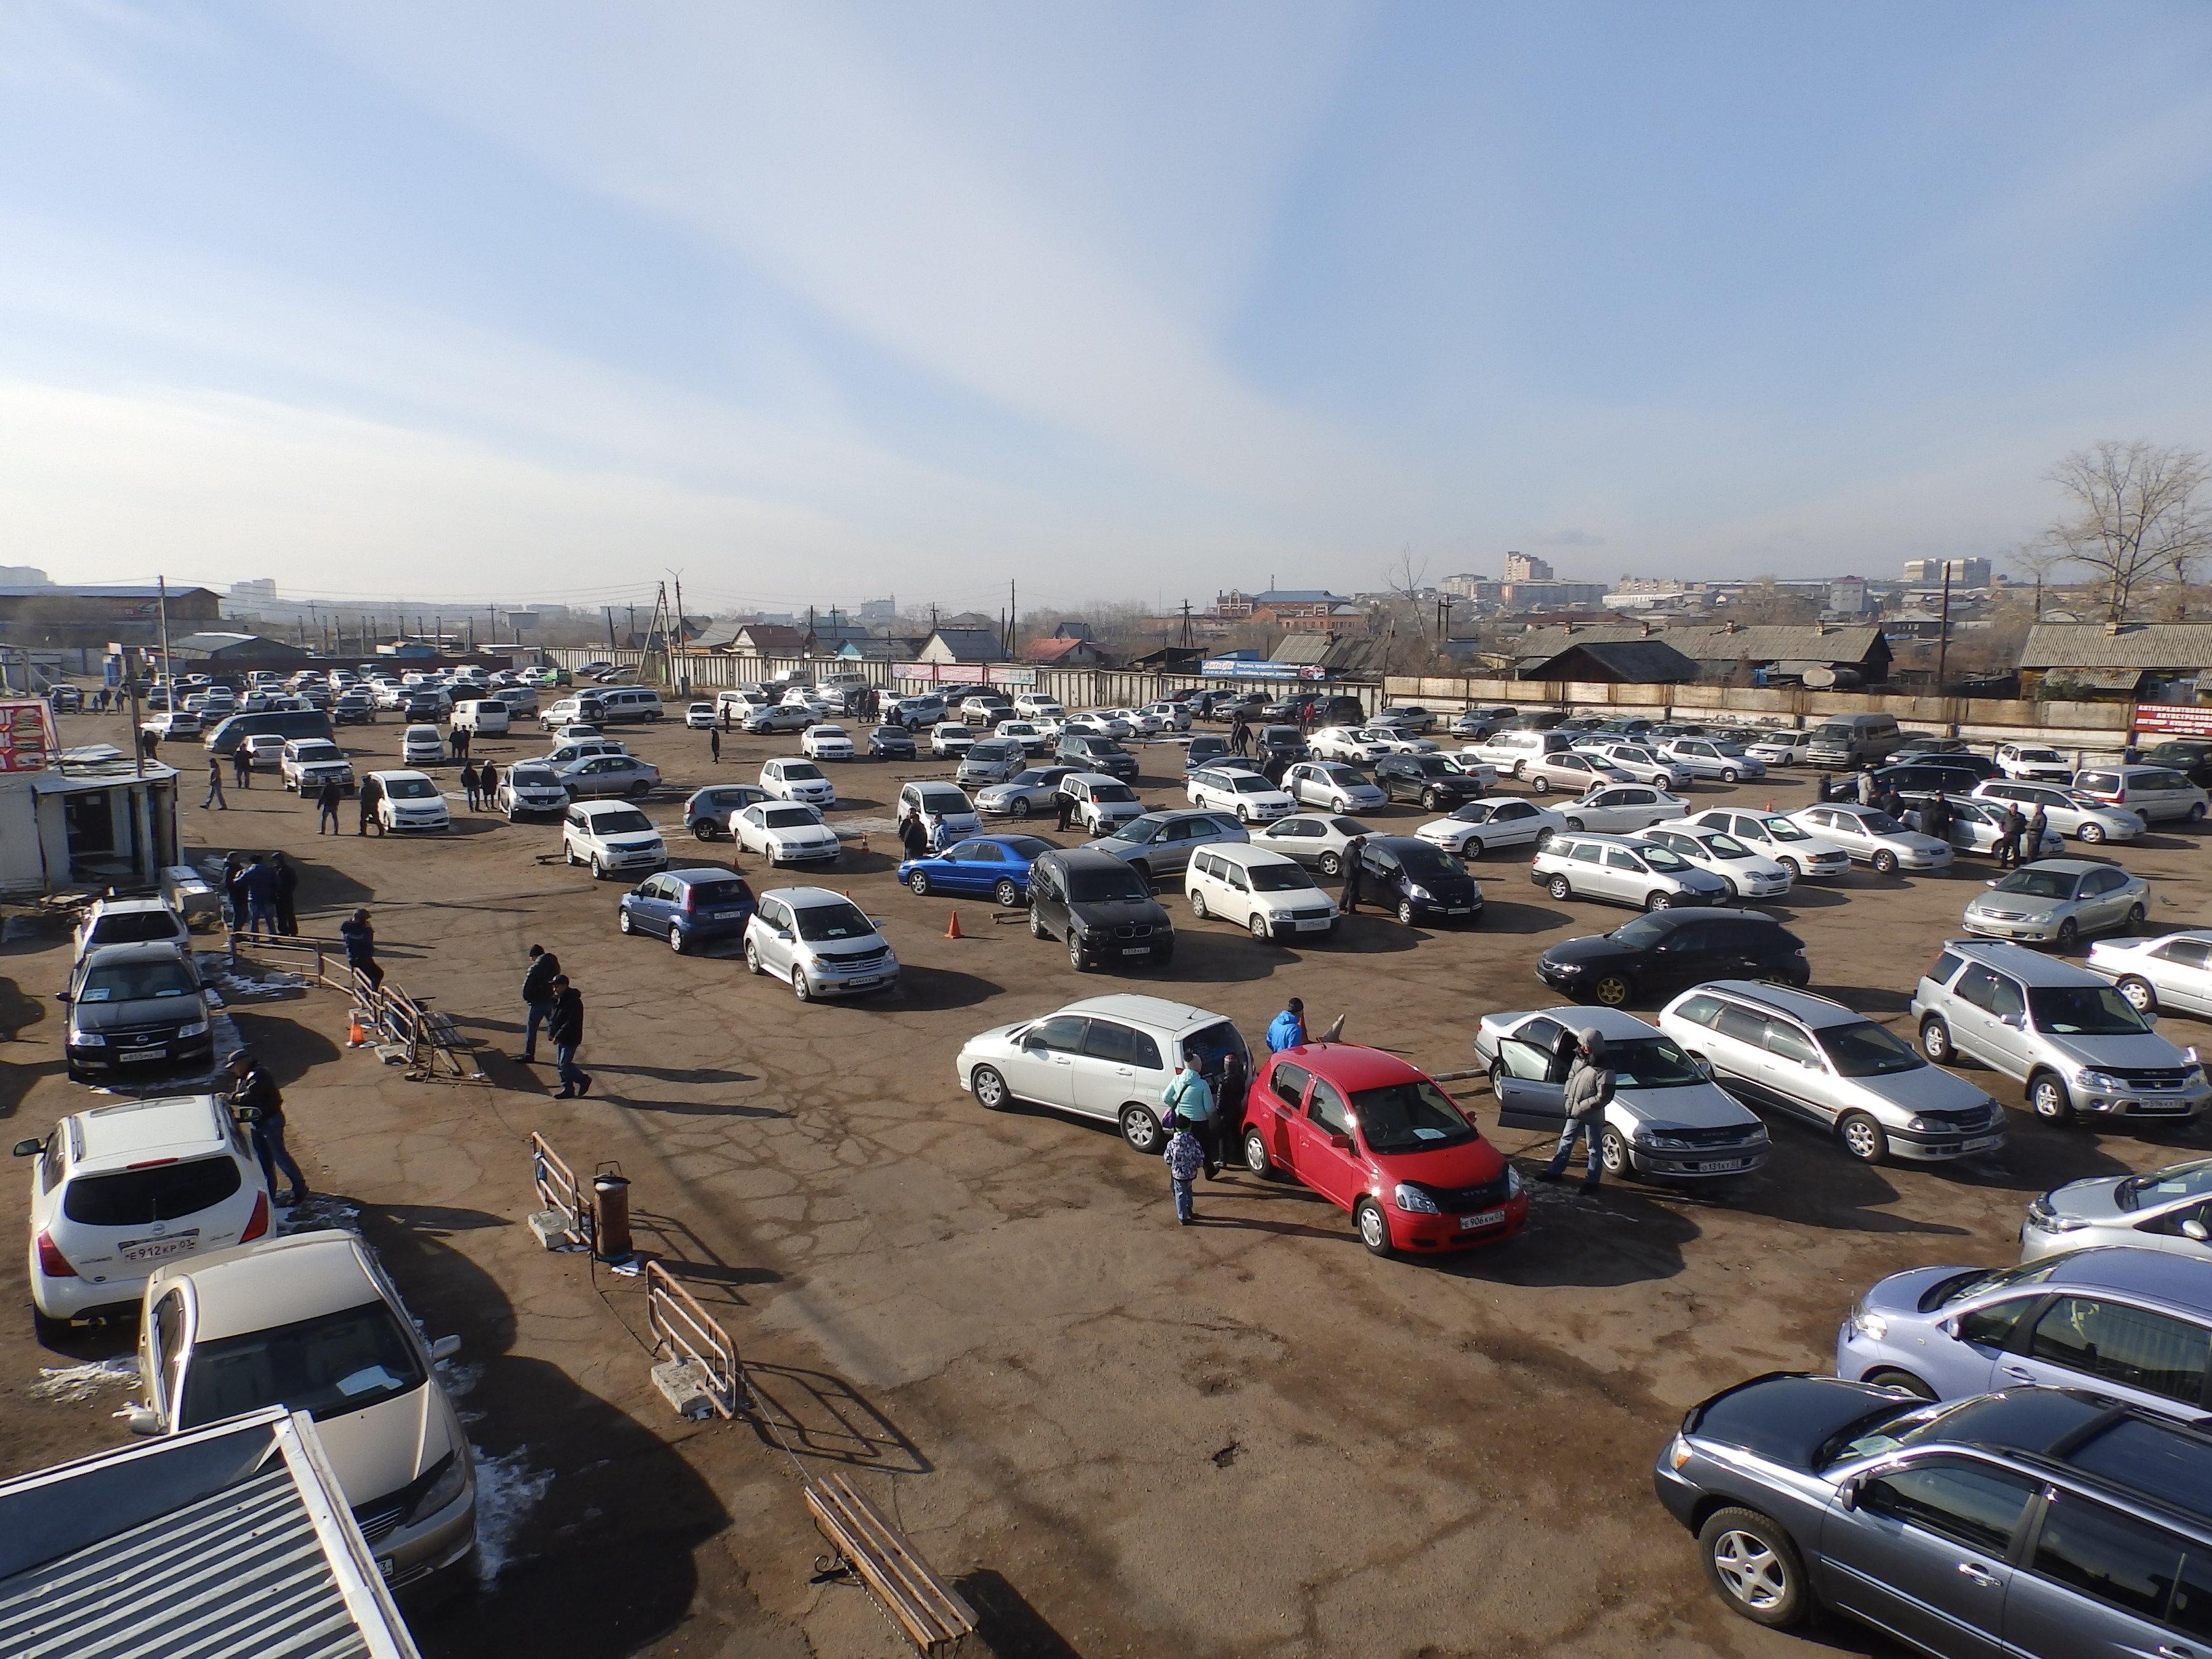 дром улан удэ российский автопром с фото чемпионате мира